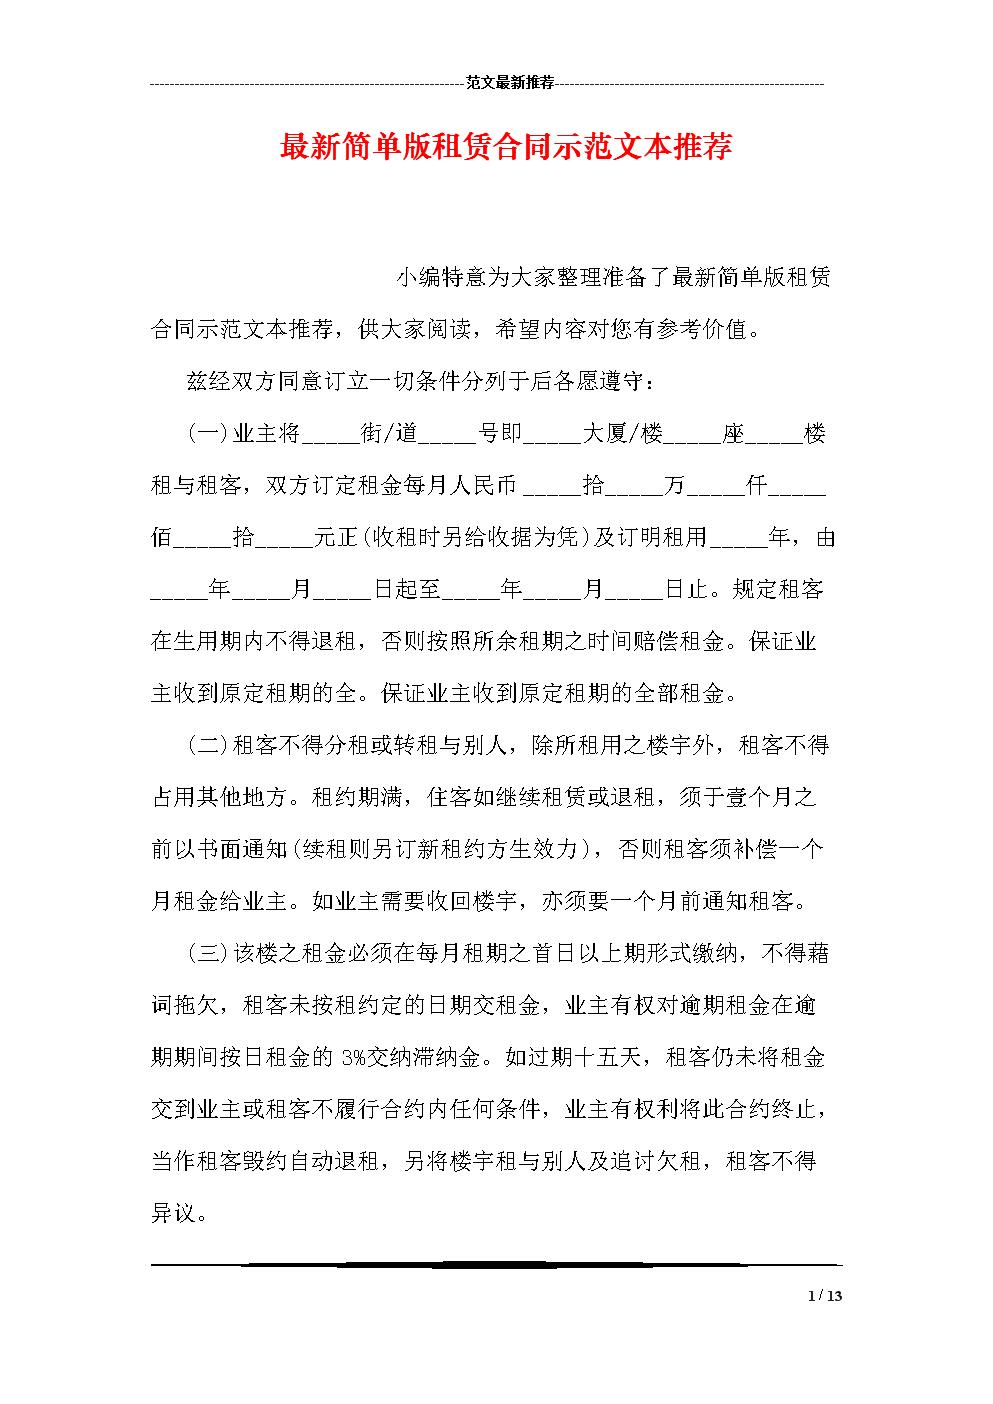 最新简单版租赁合同示范文本推荐.doc